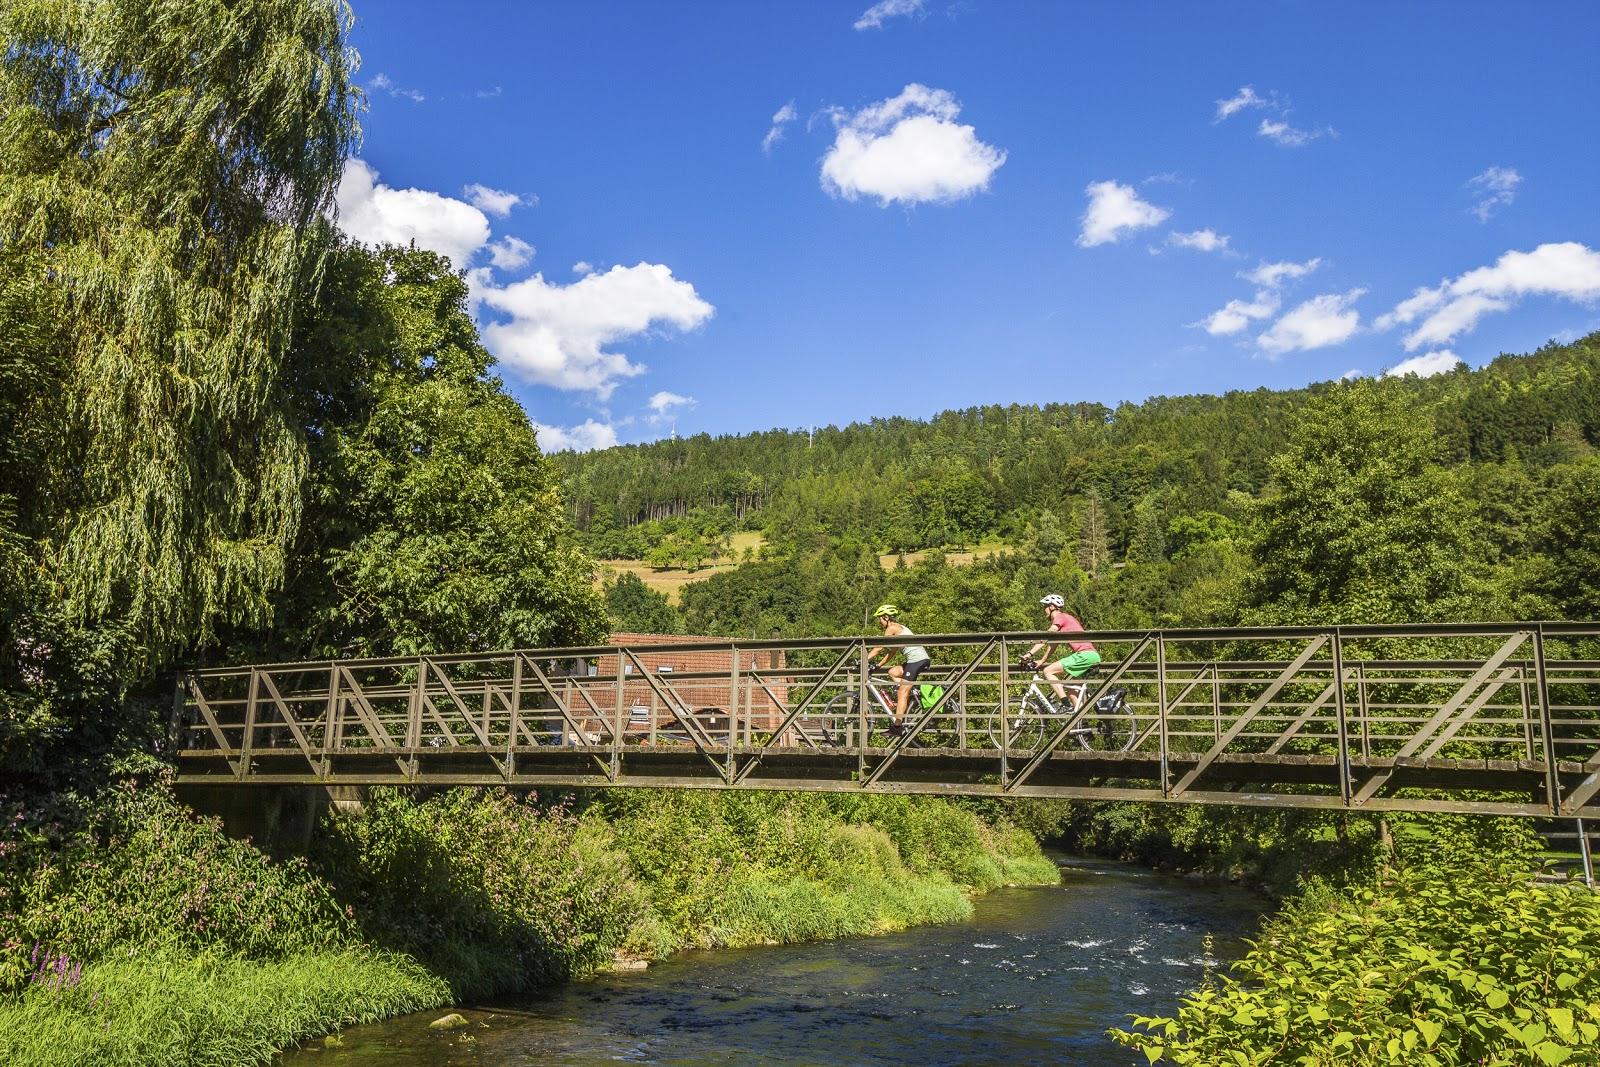 Zwei Radfahrer überqueren auf einer Brücke einen Fluss